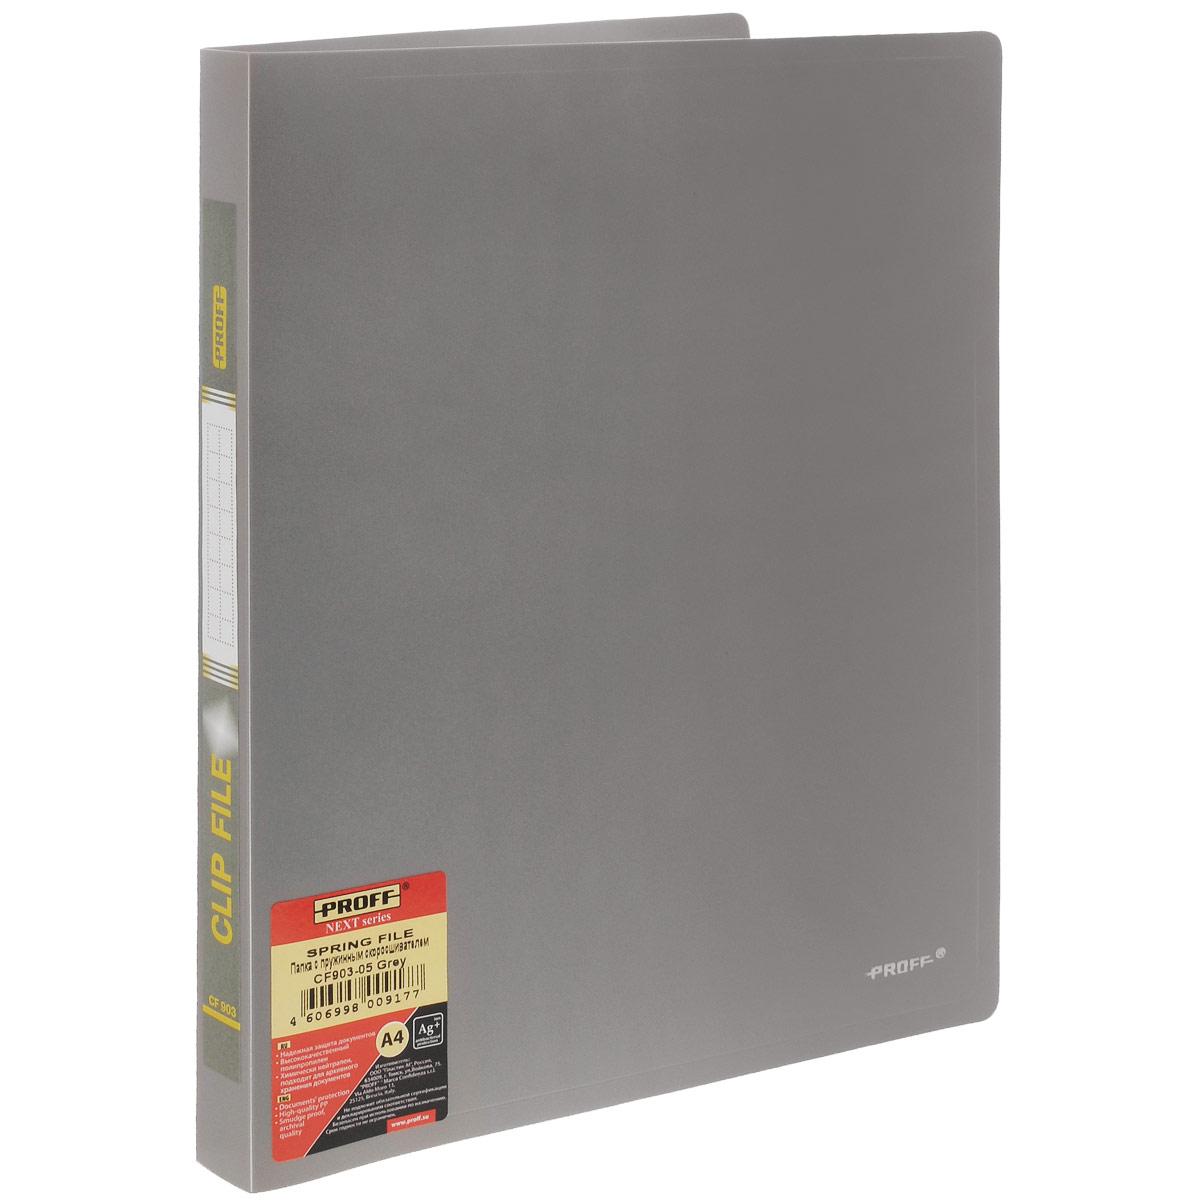 Папка-скоросшиватель Proff Next, цвет: серый. Формат А4. CF903-05 папка скоросшиватель с европланкой ф а4 синяя